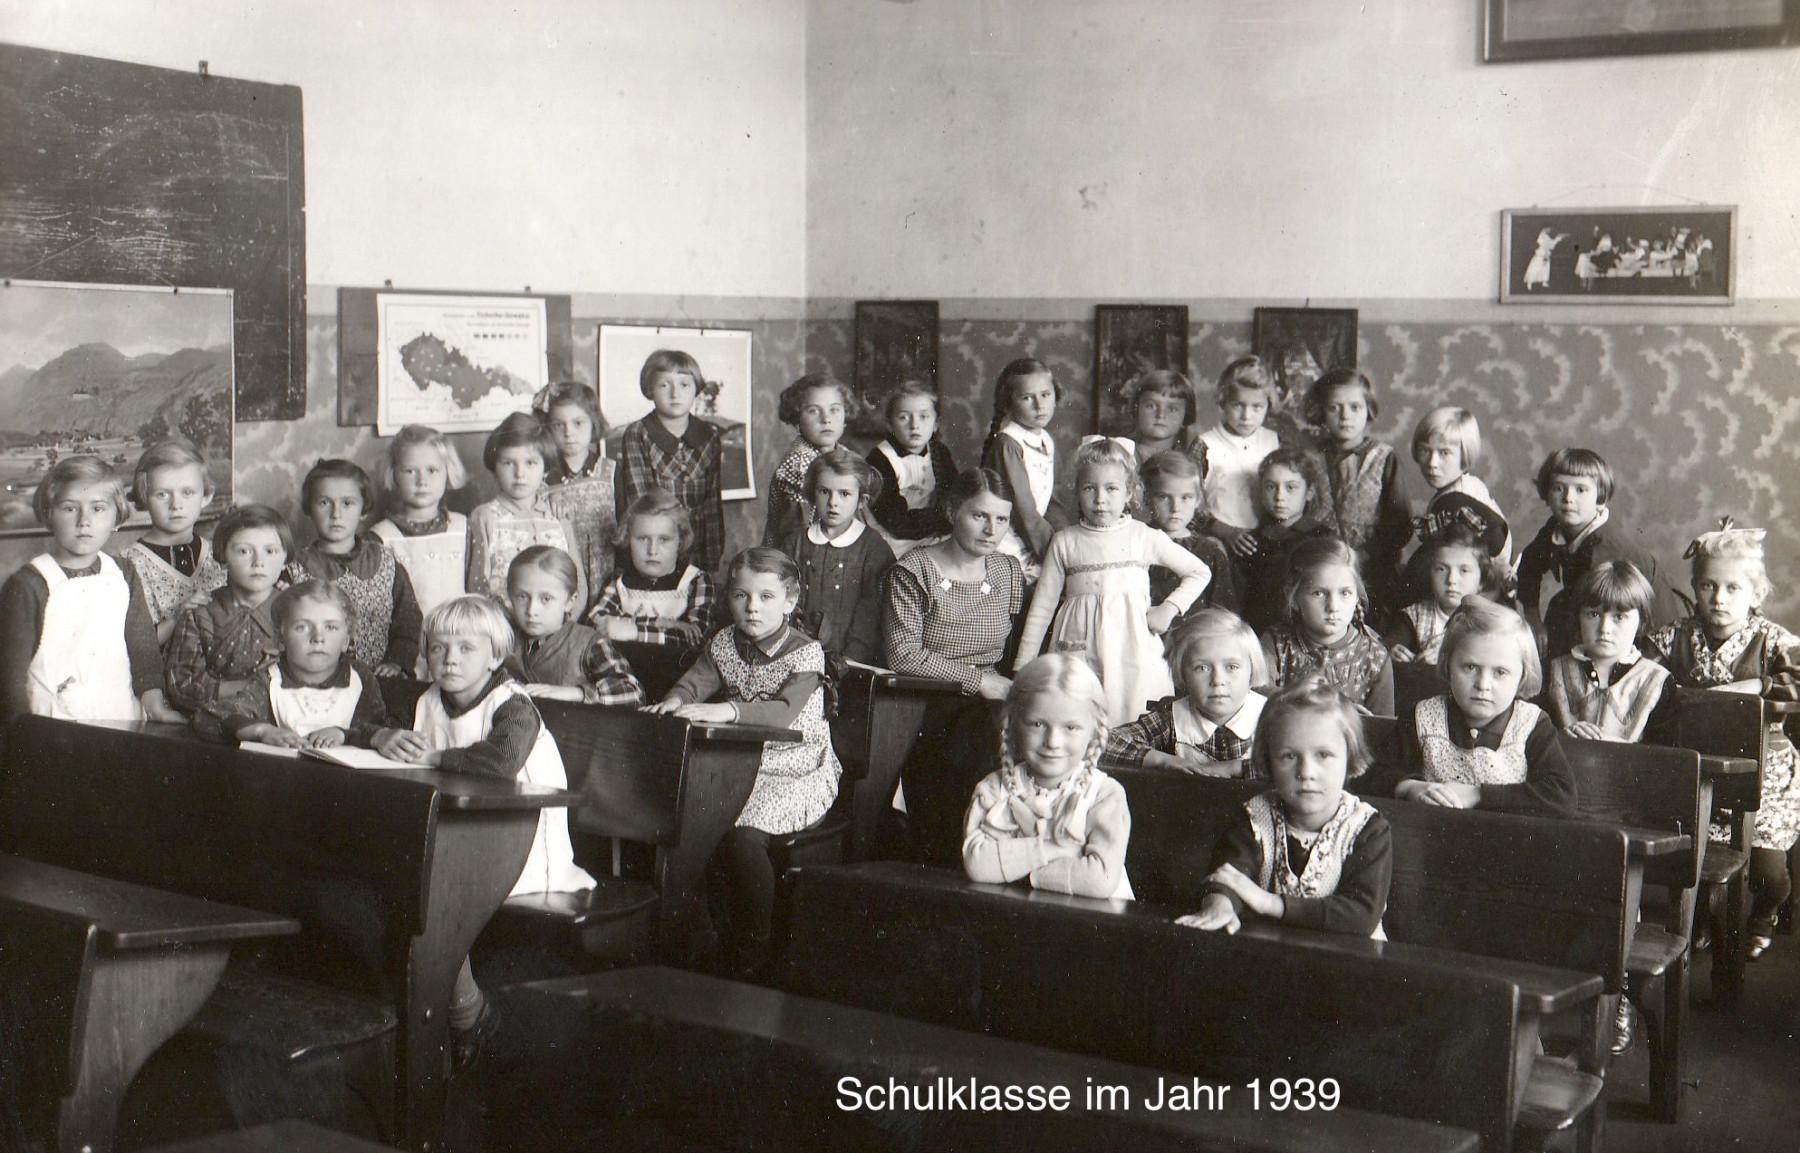 Schule vor 150 jahren